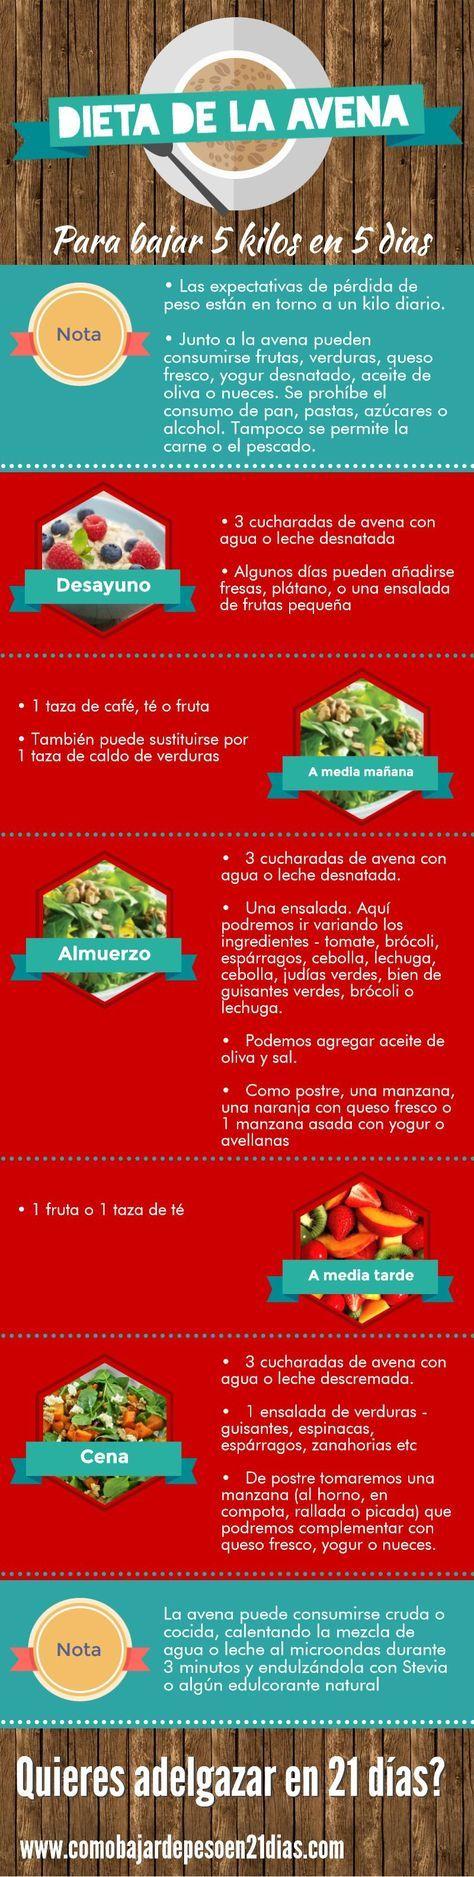 Perder 5 kg en 5 días con la dieta de avena. Instrucciones detalladas para cada comida. Una de las dietas más populares rápidas. Resultados rápidos.